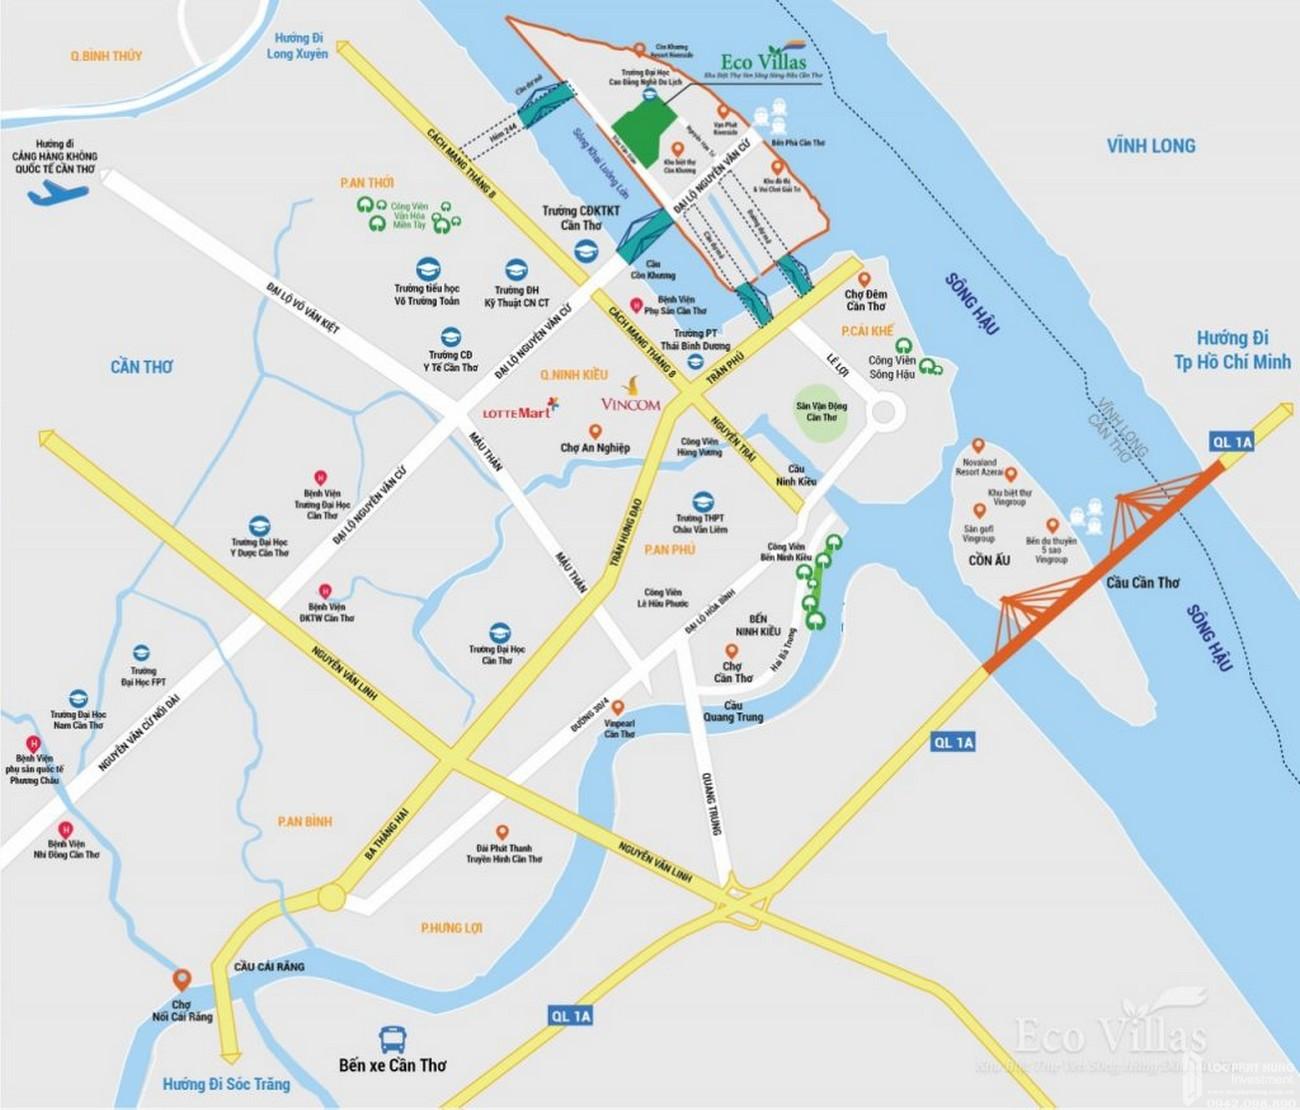 Vị trí địa chỉ dự án đất nền nhà phố Eco Villas Cồn Khương Cần Thơ Đường Cồn Khương chủ đầu tư Cửu Long